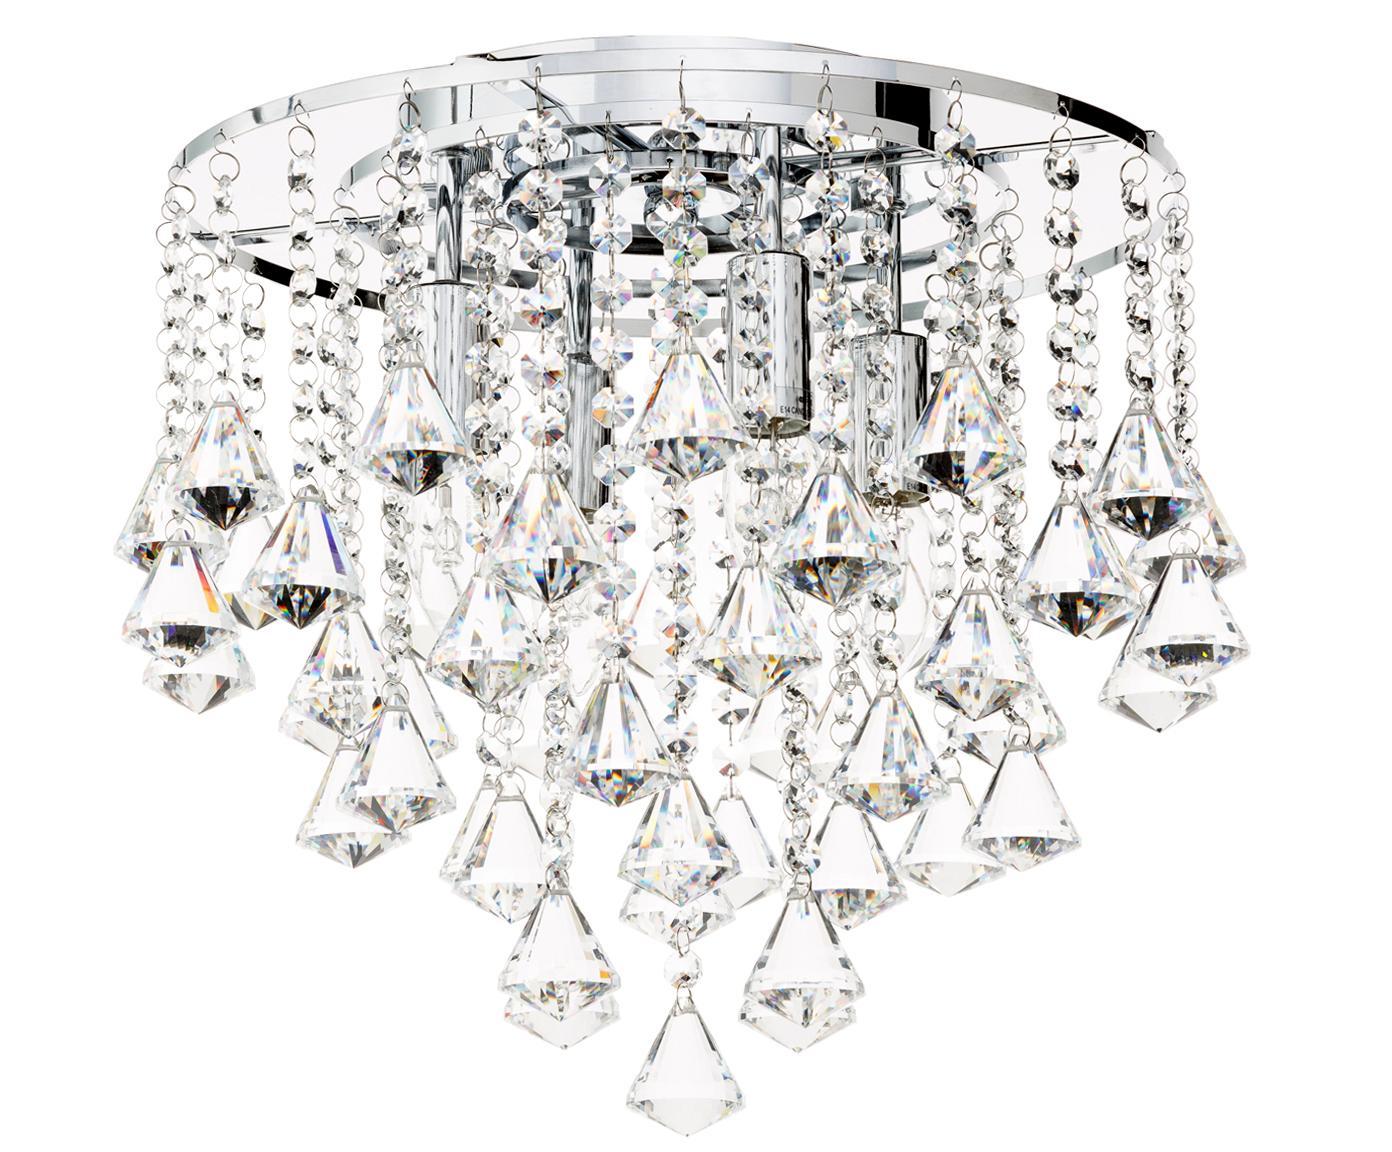 Plafoniera con cristalli in vetro Dorchester, Struttura: metallo cromato, Baldacchino: metallo cromato, Trasparente, cromo, Ø 50 x Alt. 50 cm